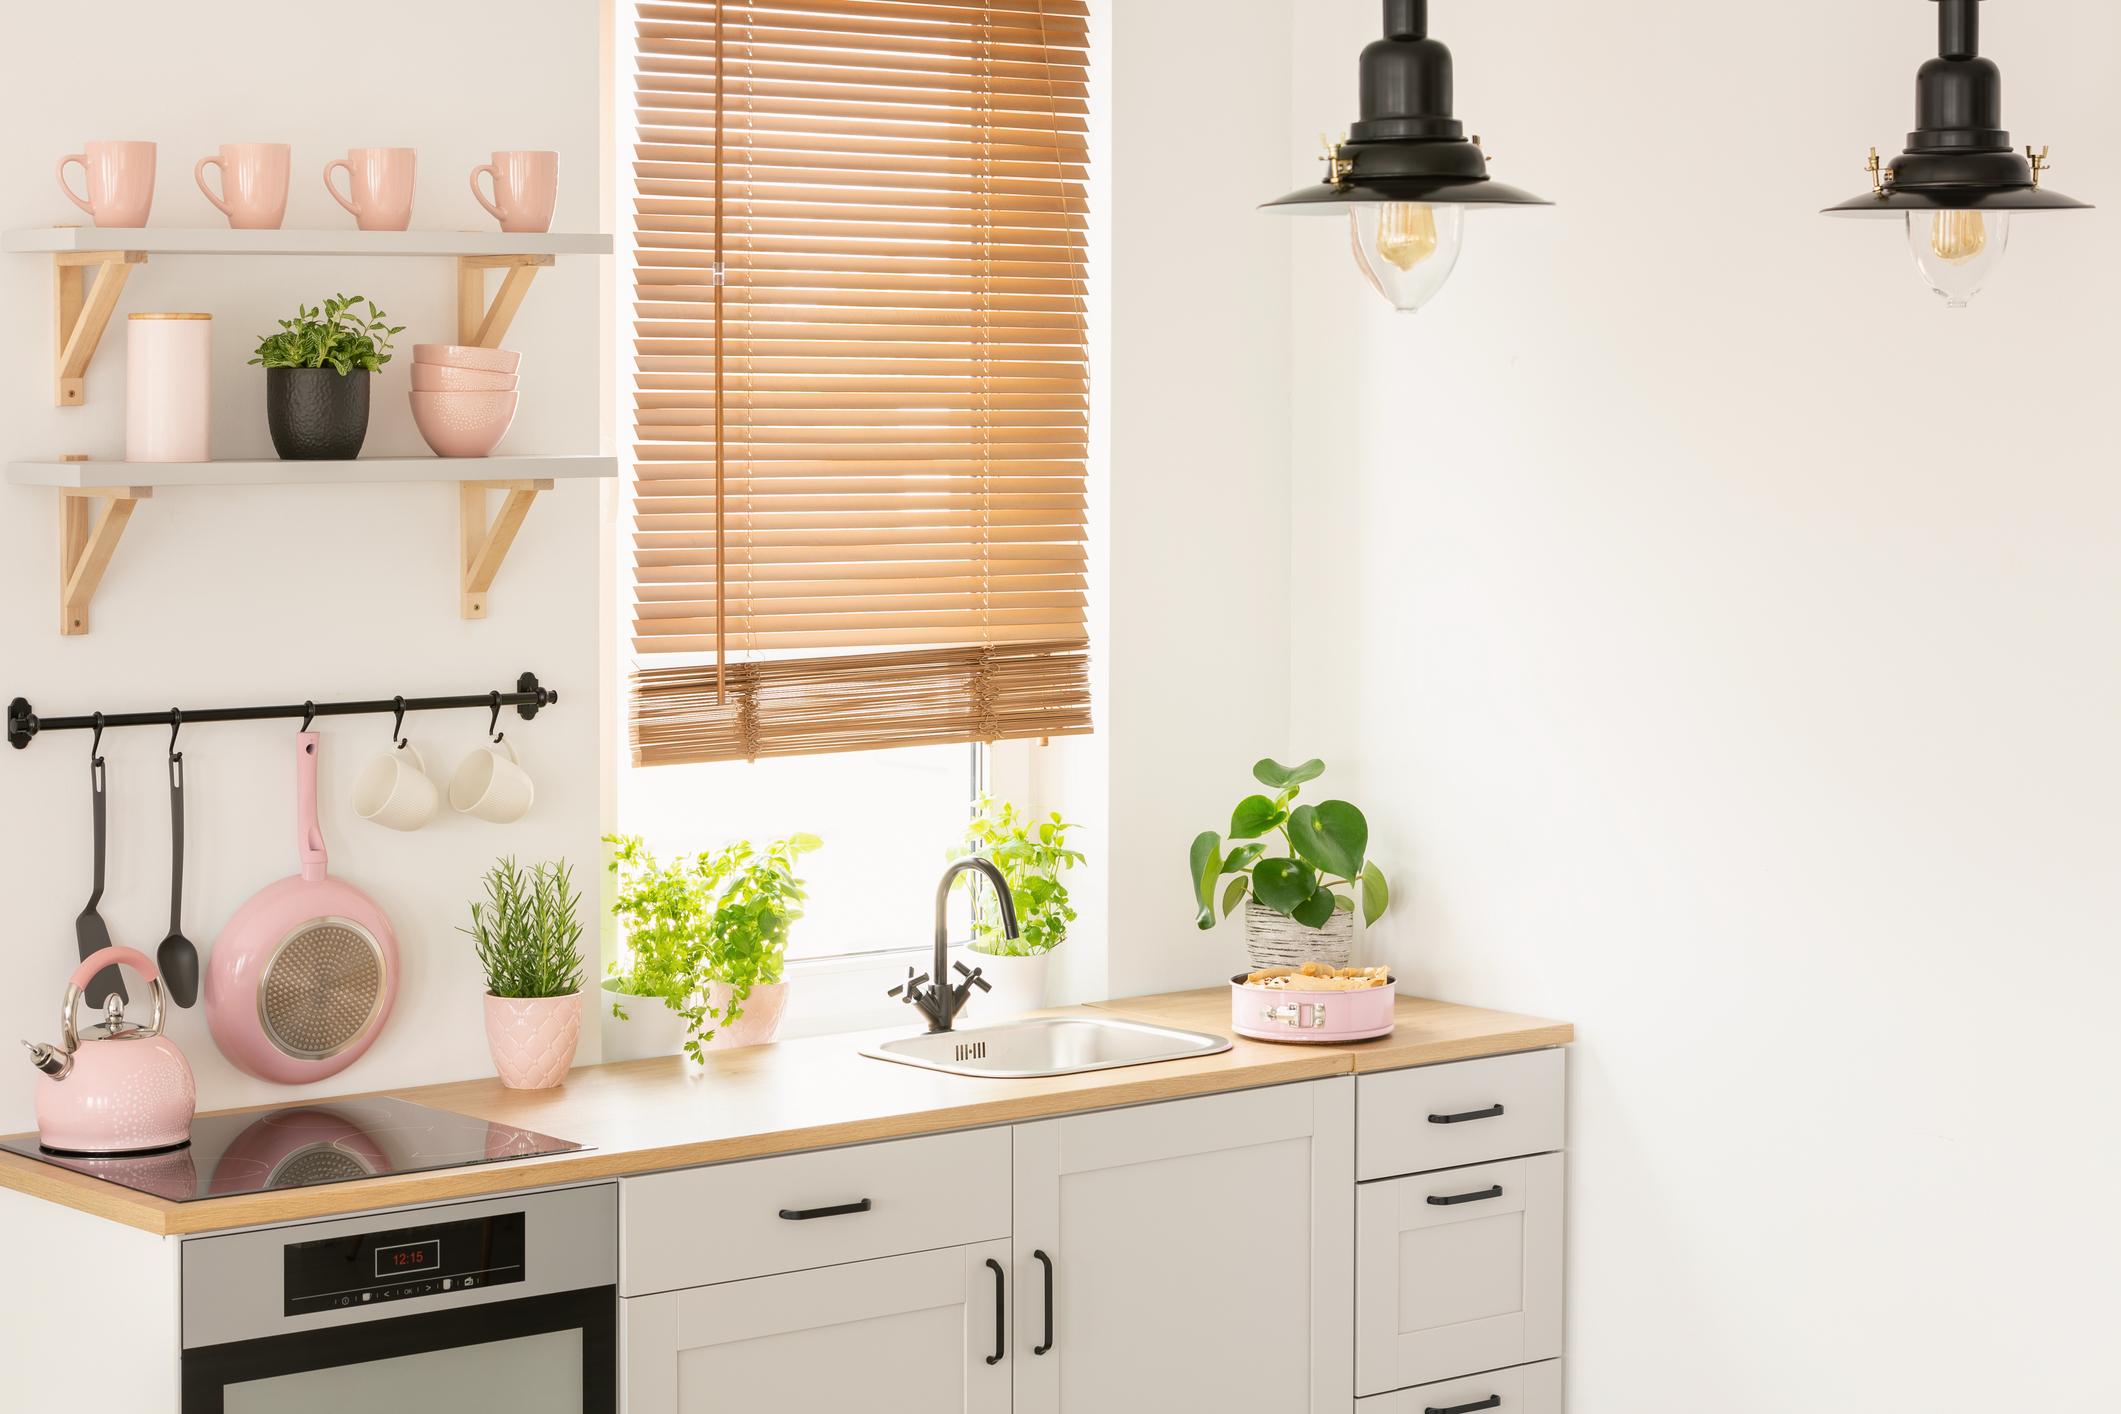 kitchengreenery.jpg